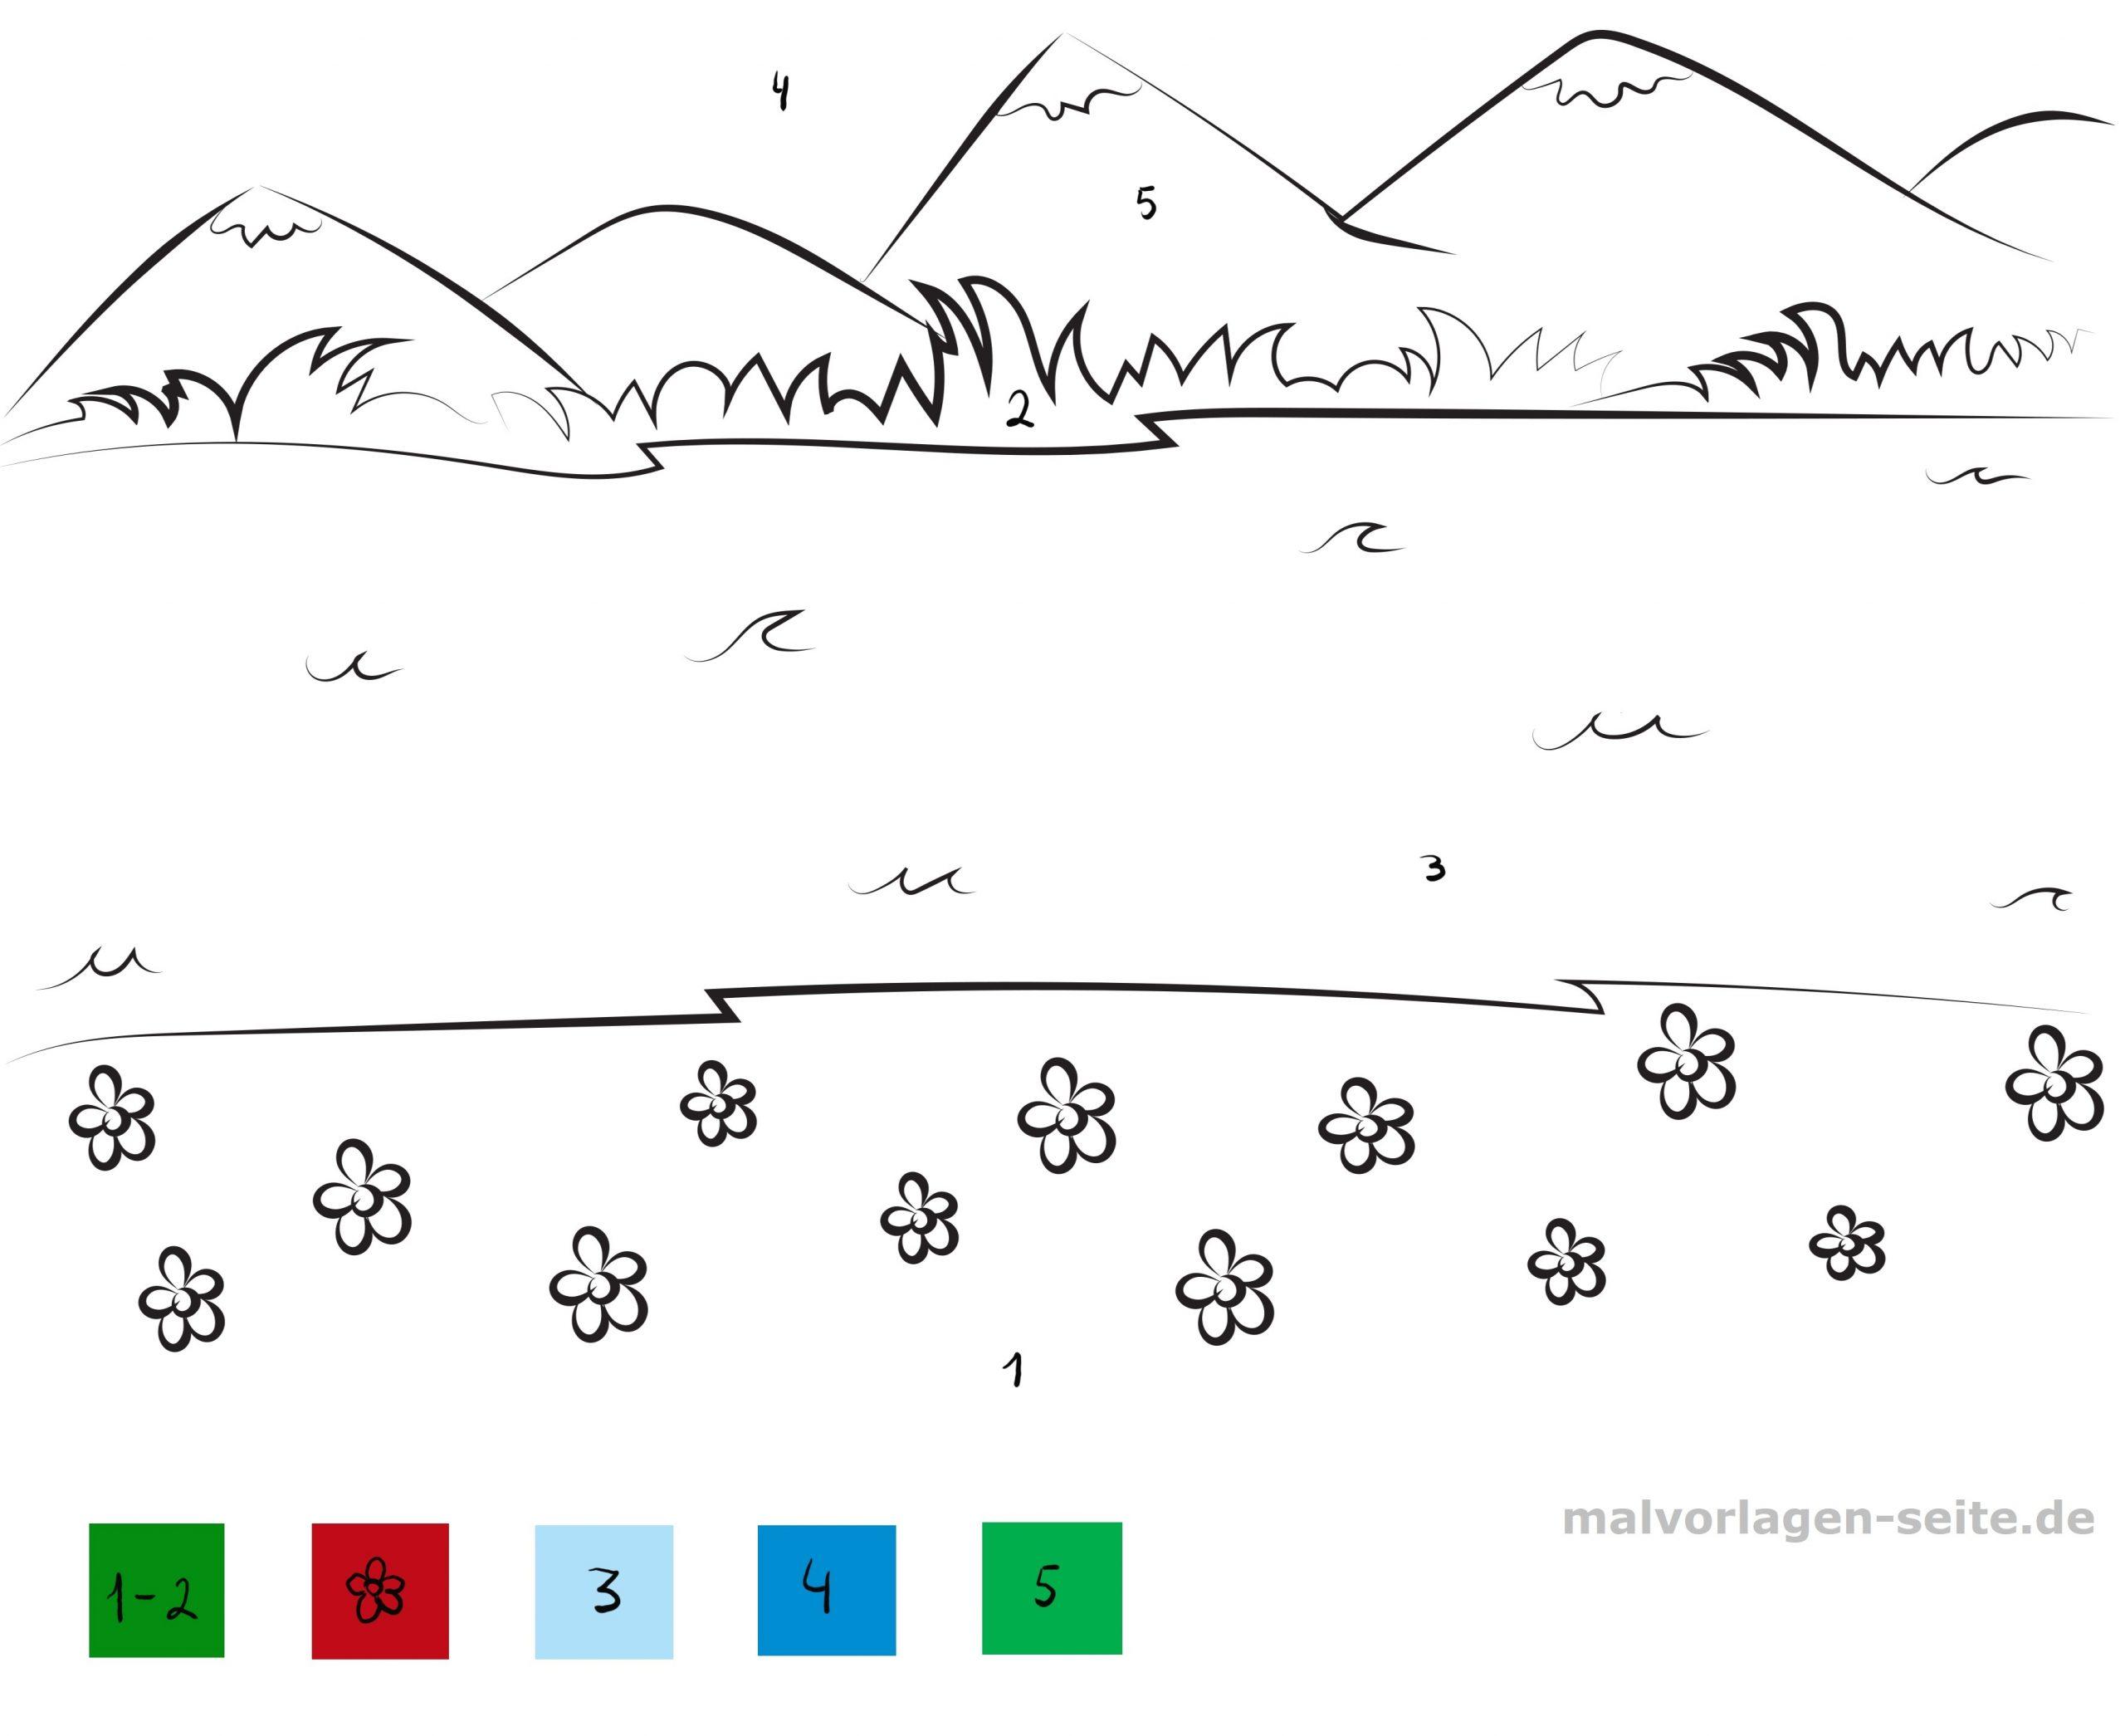 Malen Nach Zahlen Landschaft - Ausmalbilder Kostenlos über Zahlen Vorlagen Zum Ausdrucken Gratis